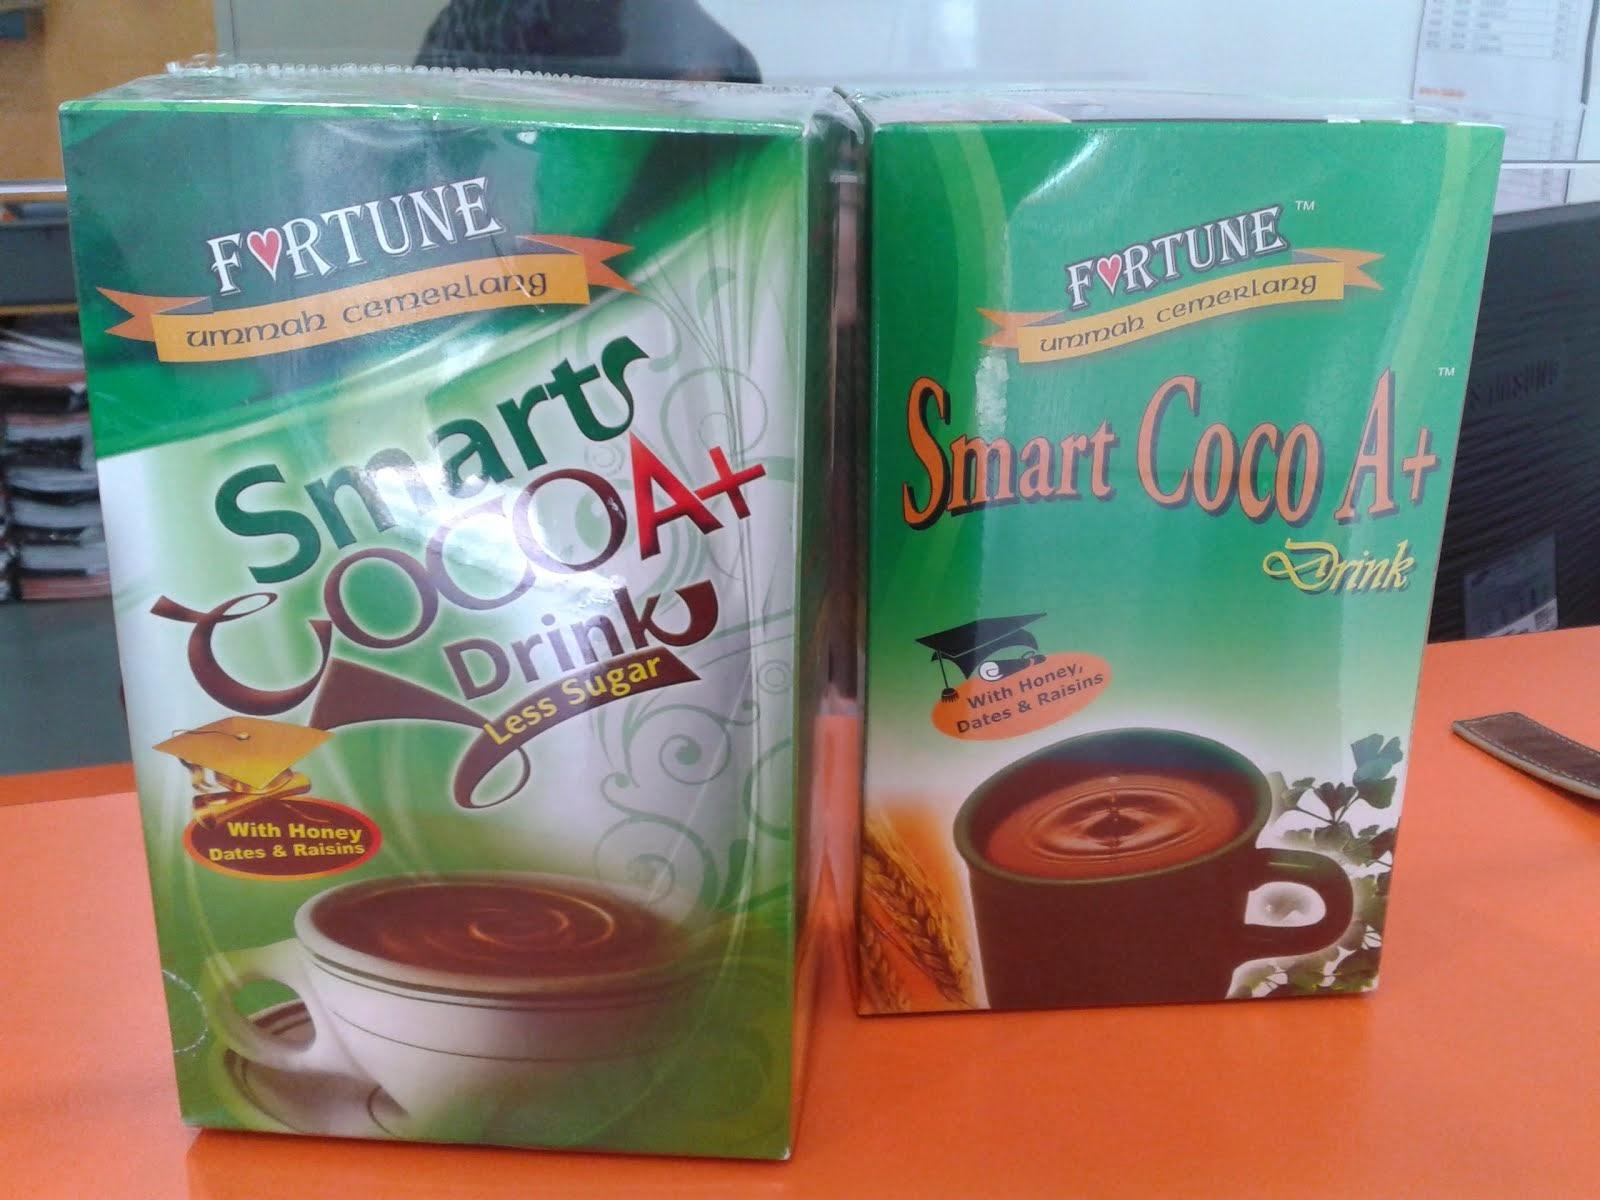 Smart Coco A+